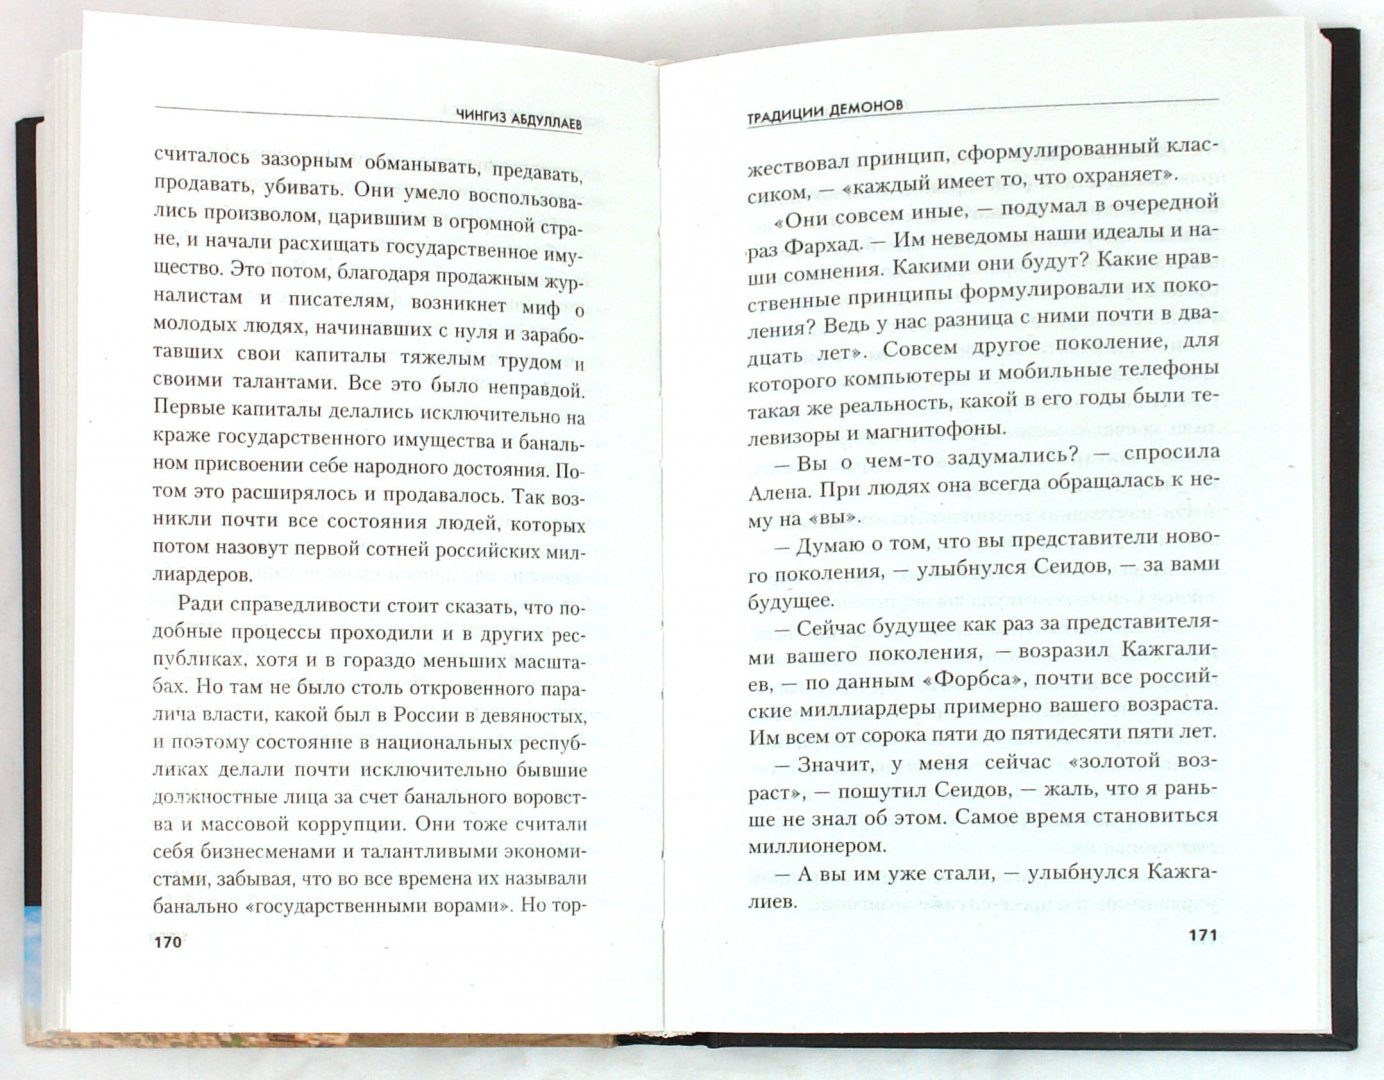 Иллюстрация 1 из 6 для Традиции демонов - Чингиз Абдуллаев | Лабиринт - книги. Источник: Лабиринт